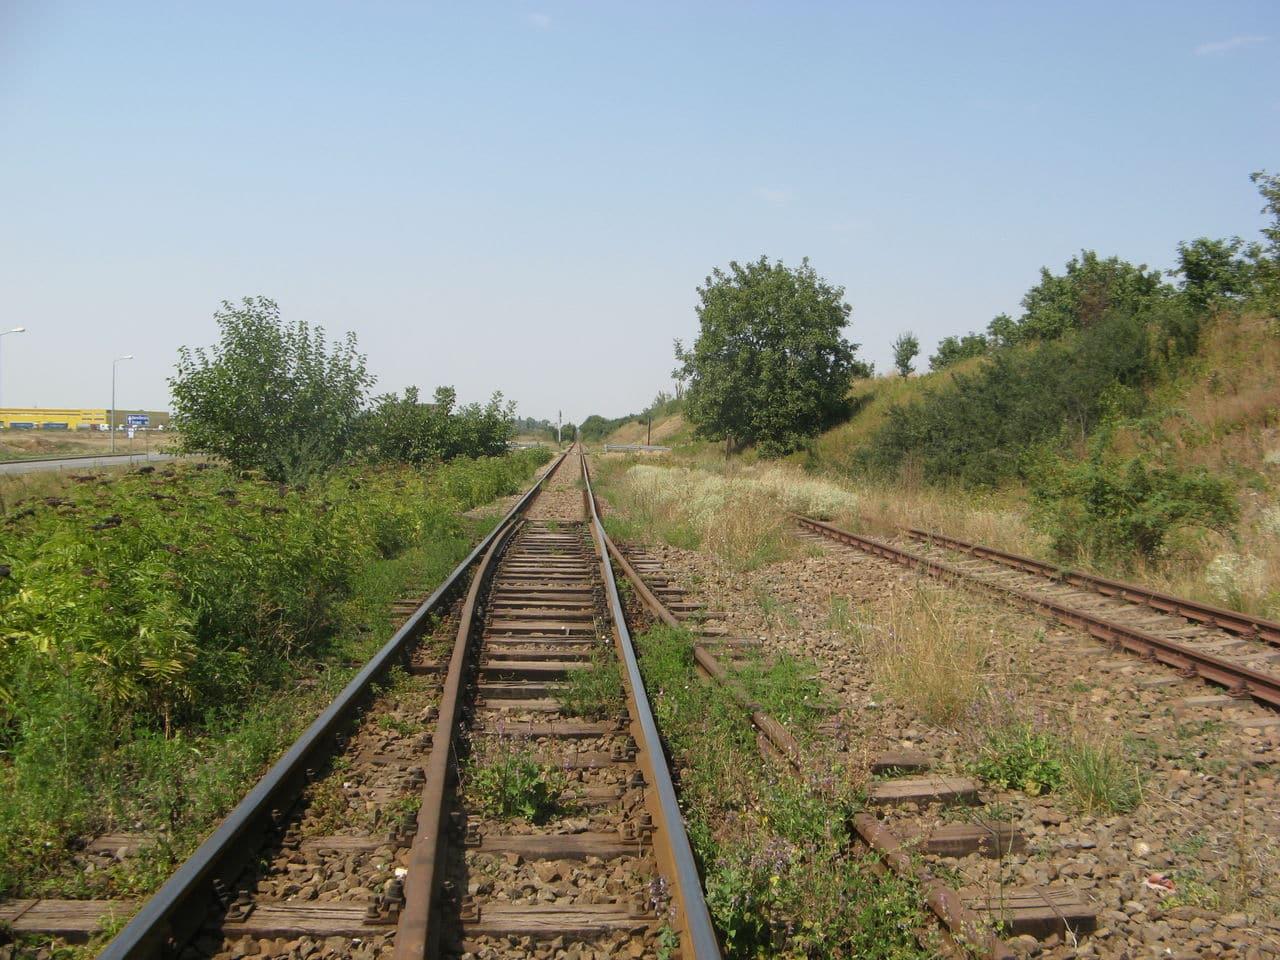 Calea ferată directă Oradea Vest - Episcopia Bihor IMG_0056